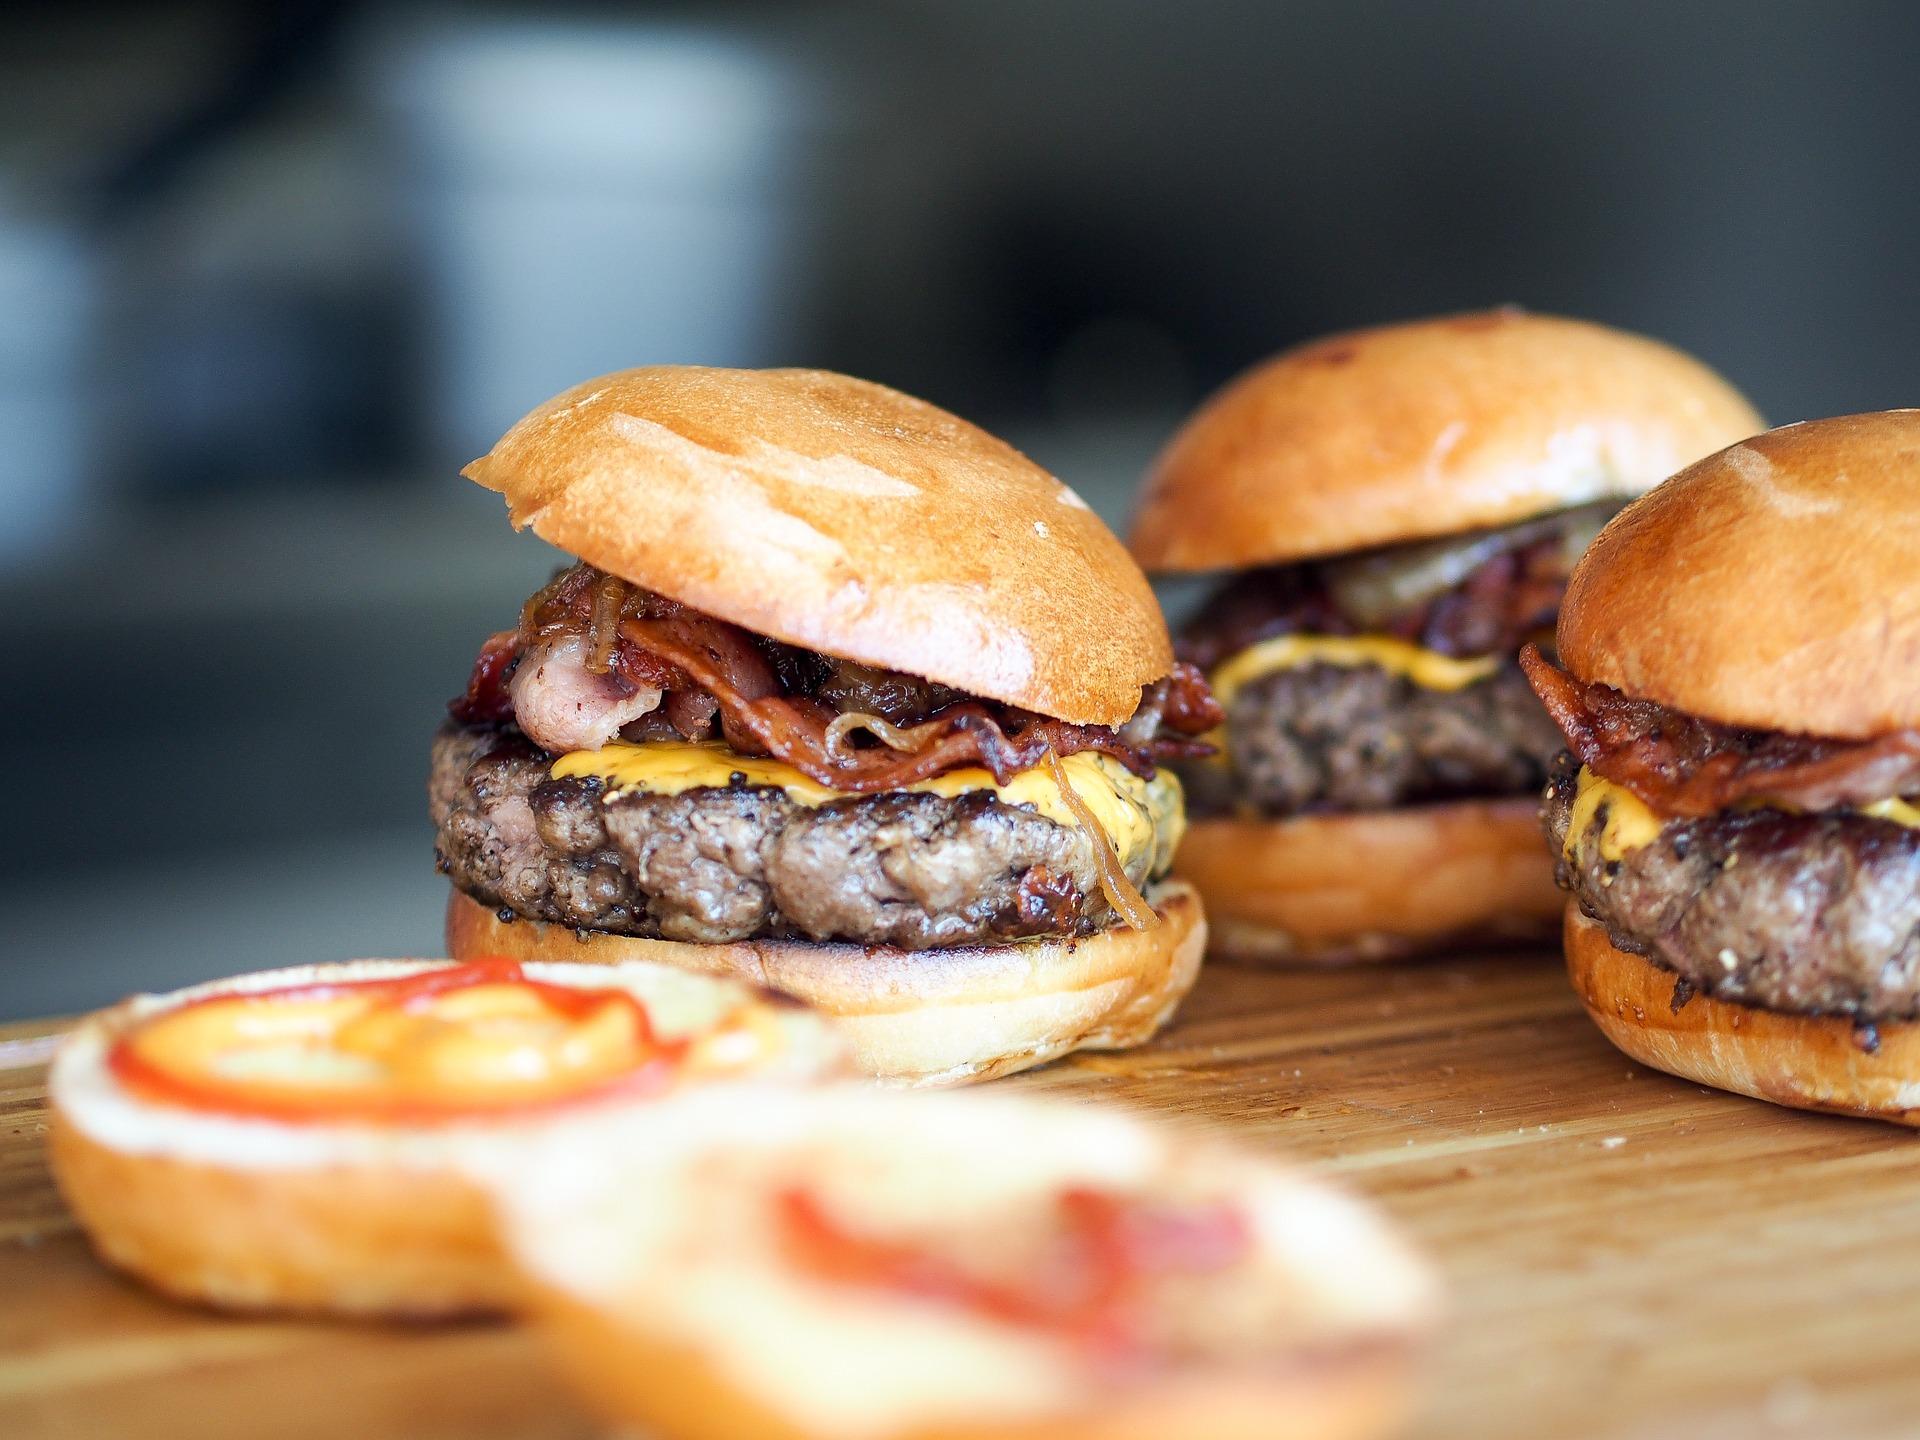 Burger von BeyondMeat geliefert?